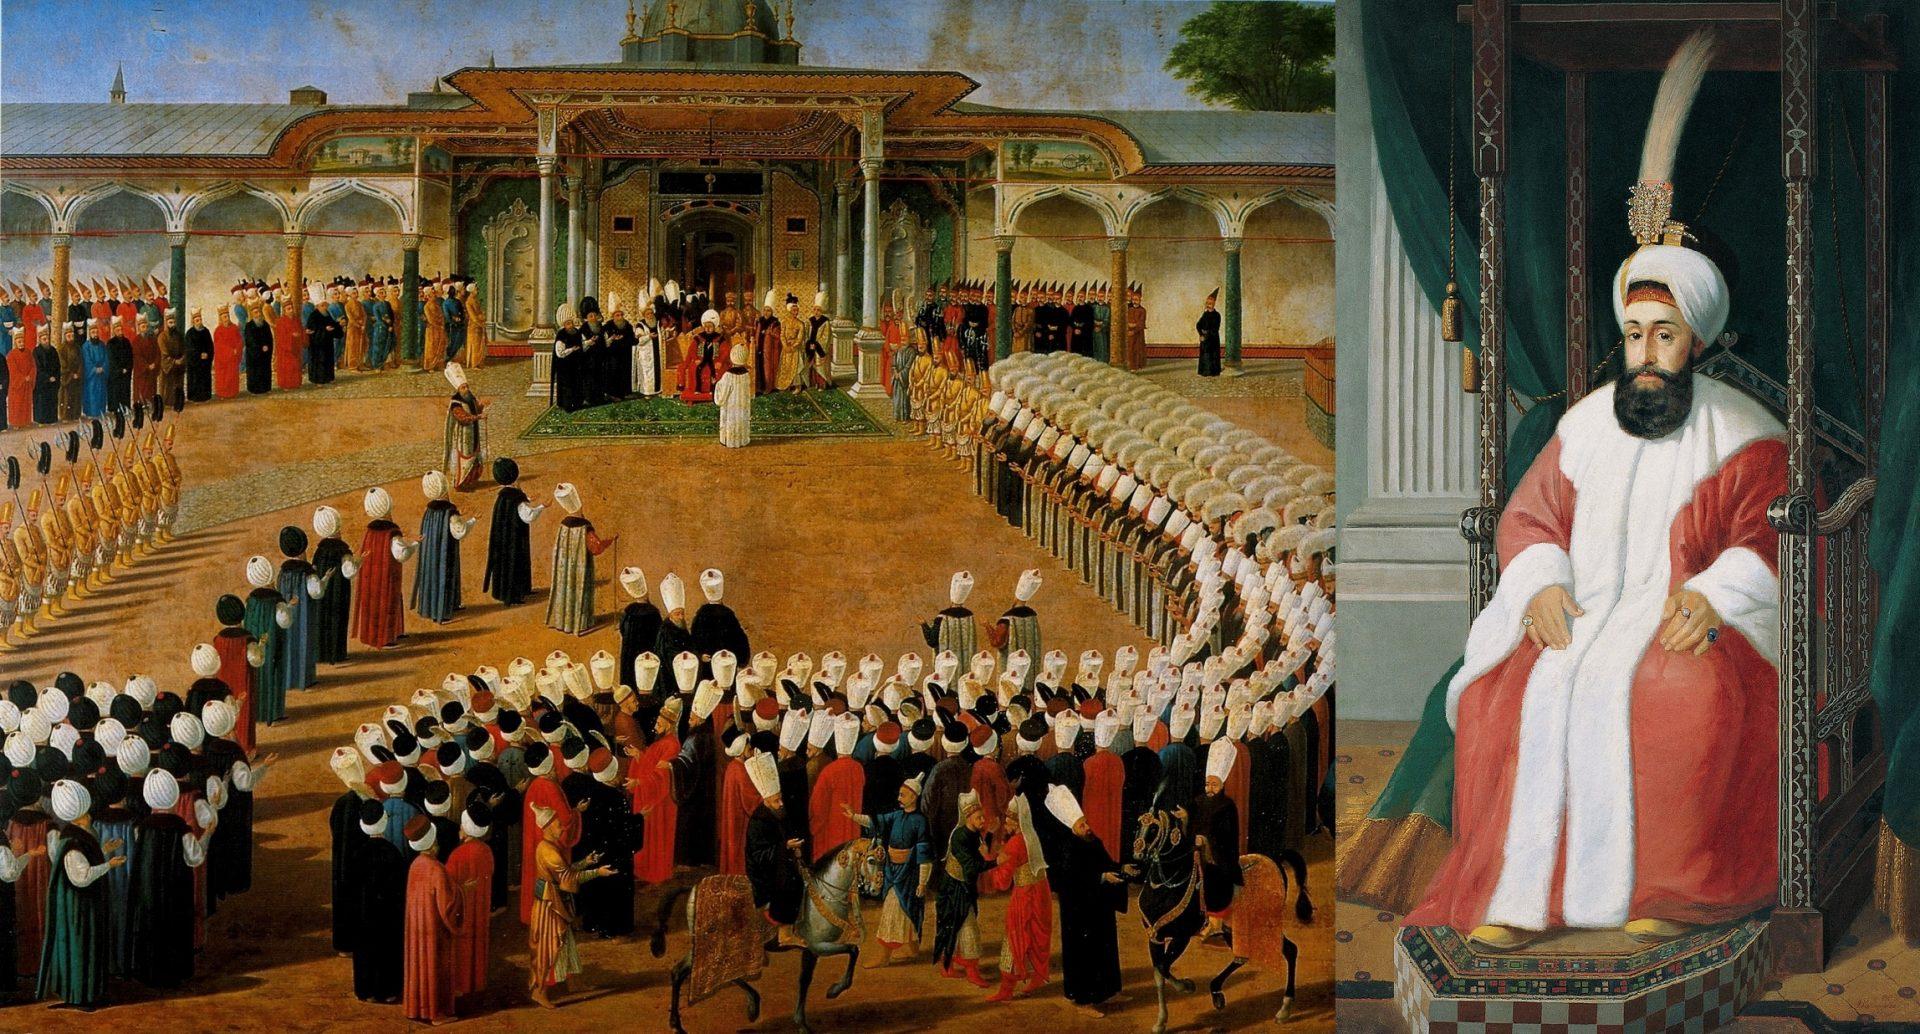 Sultan 3. Selim Nizam ı Cedit'in Tarifi Ve Planı Osmanlı Padişahı İslam Halifesi